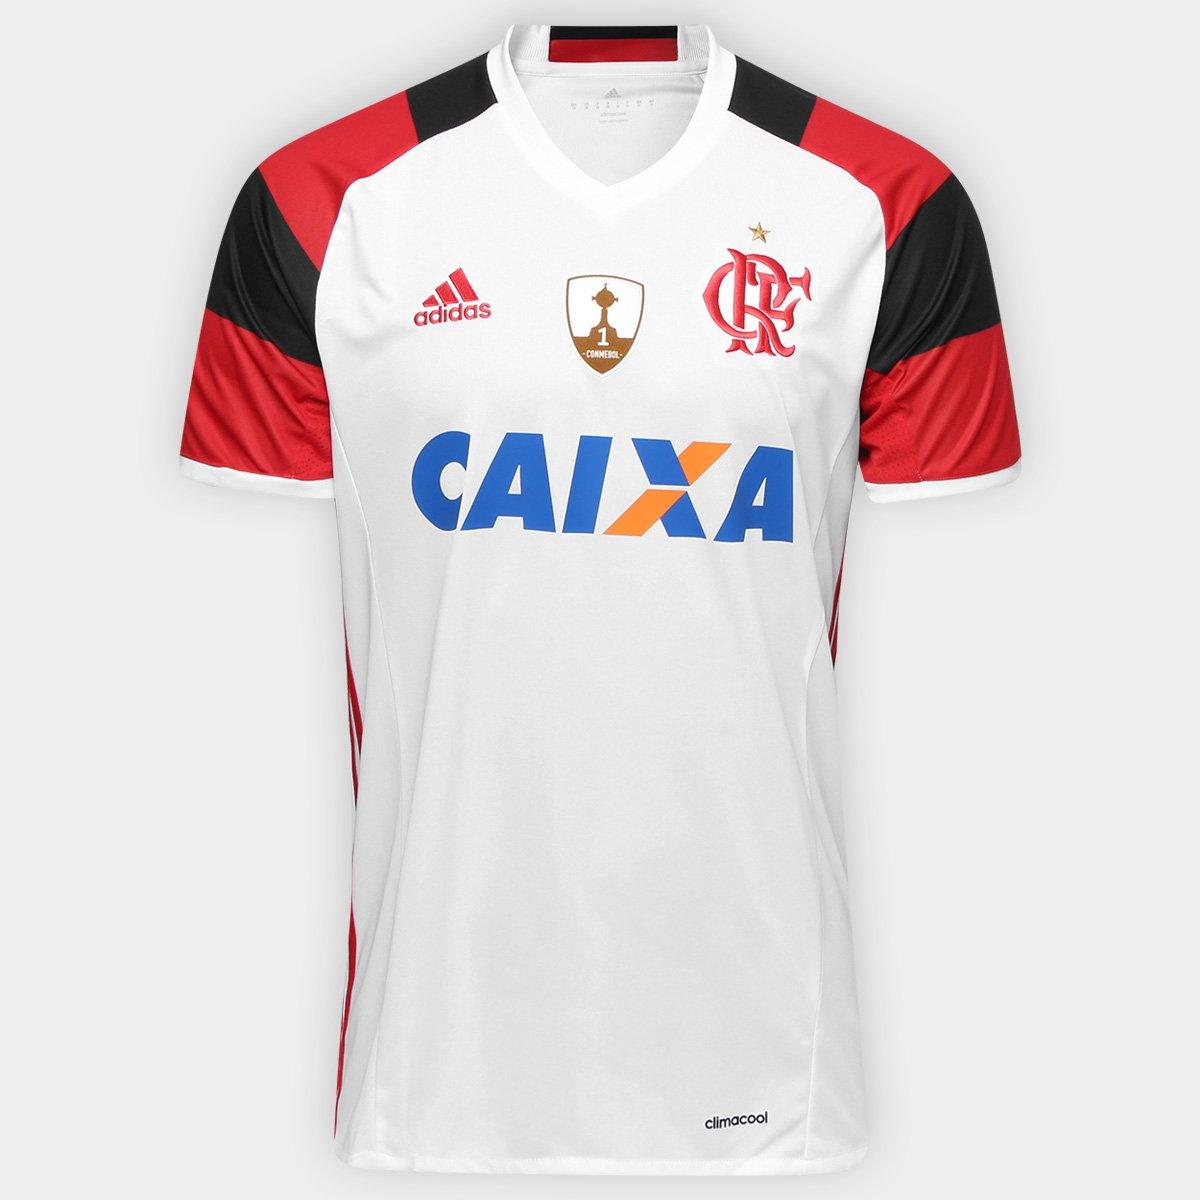 Camisa Flamengo II 16 17 s nº Patch Libertadores Adidas Masculina - Compre  Agora  dd1a6ab9a8634